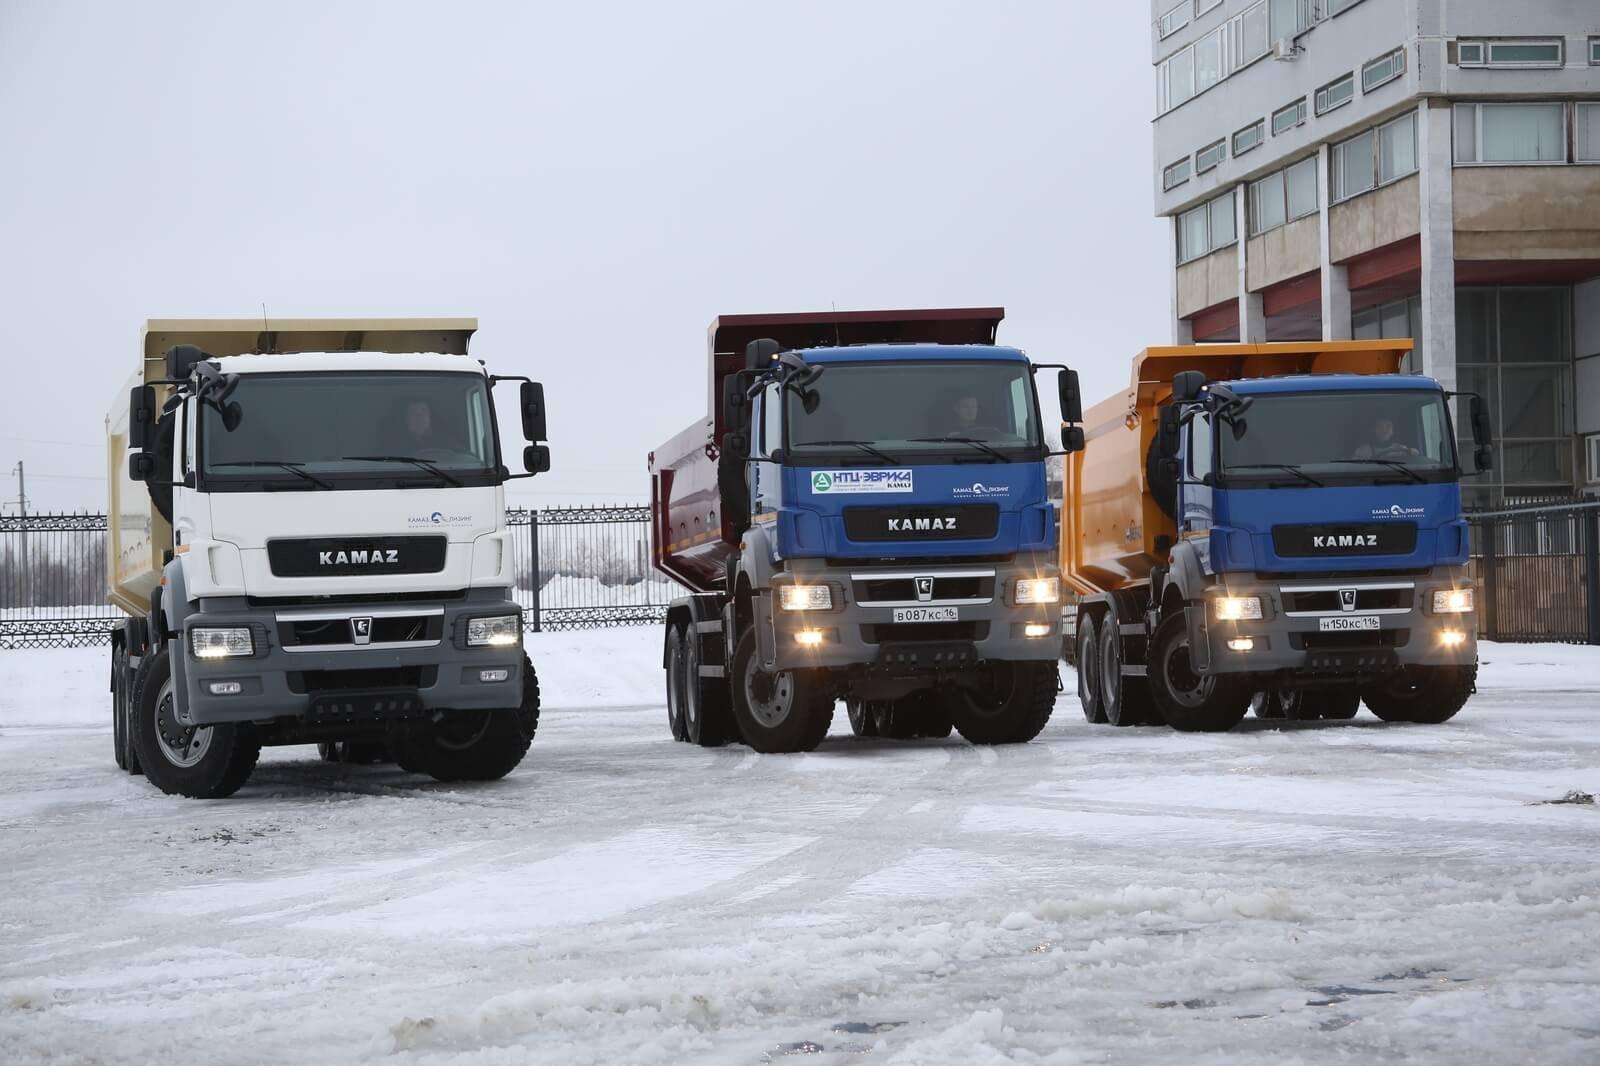 ВКазани провели тест-драйв новых самосвалов КАМАЗ